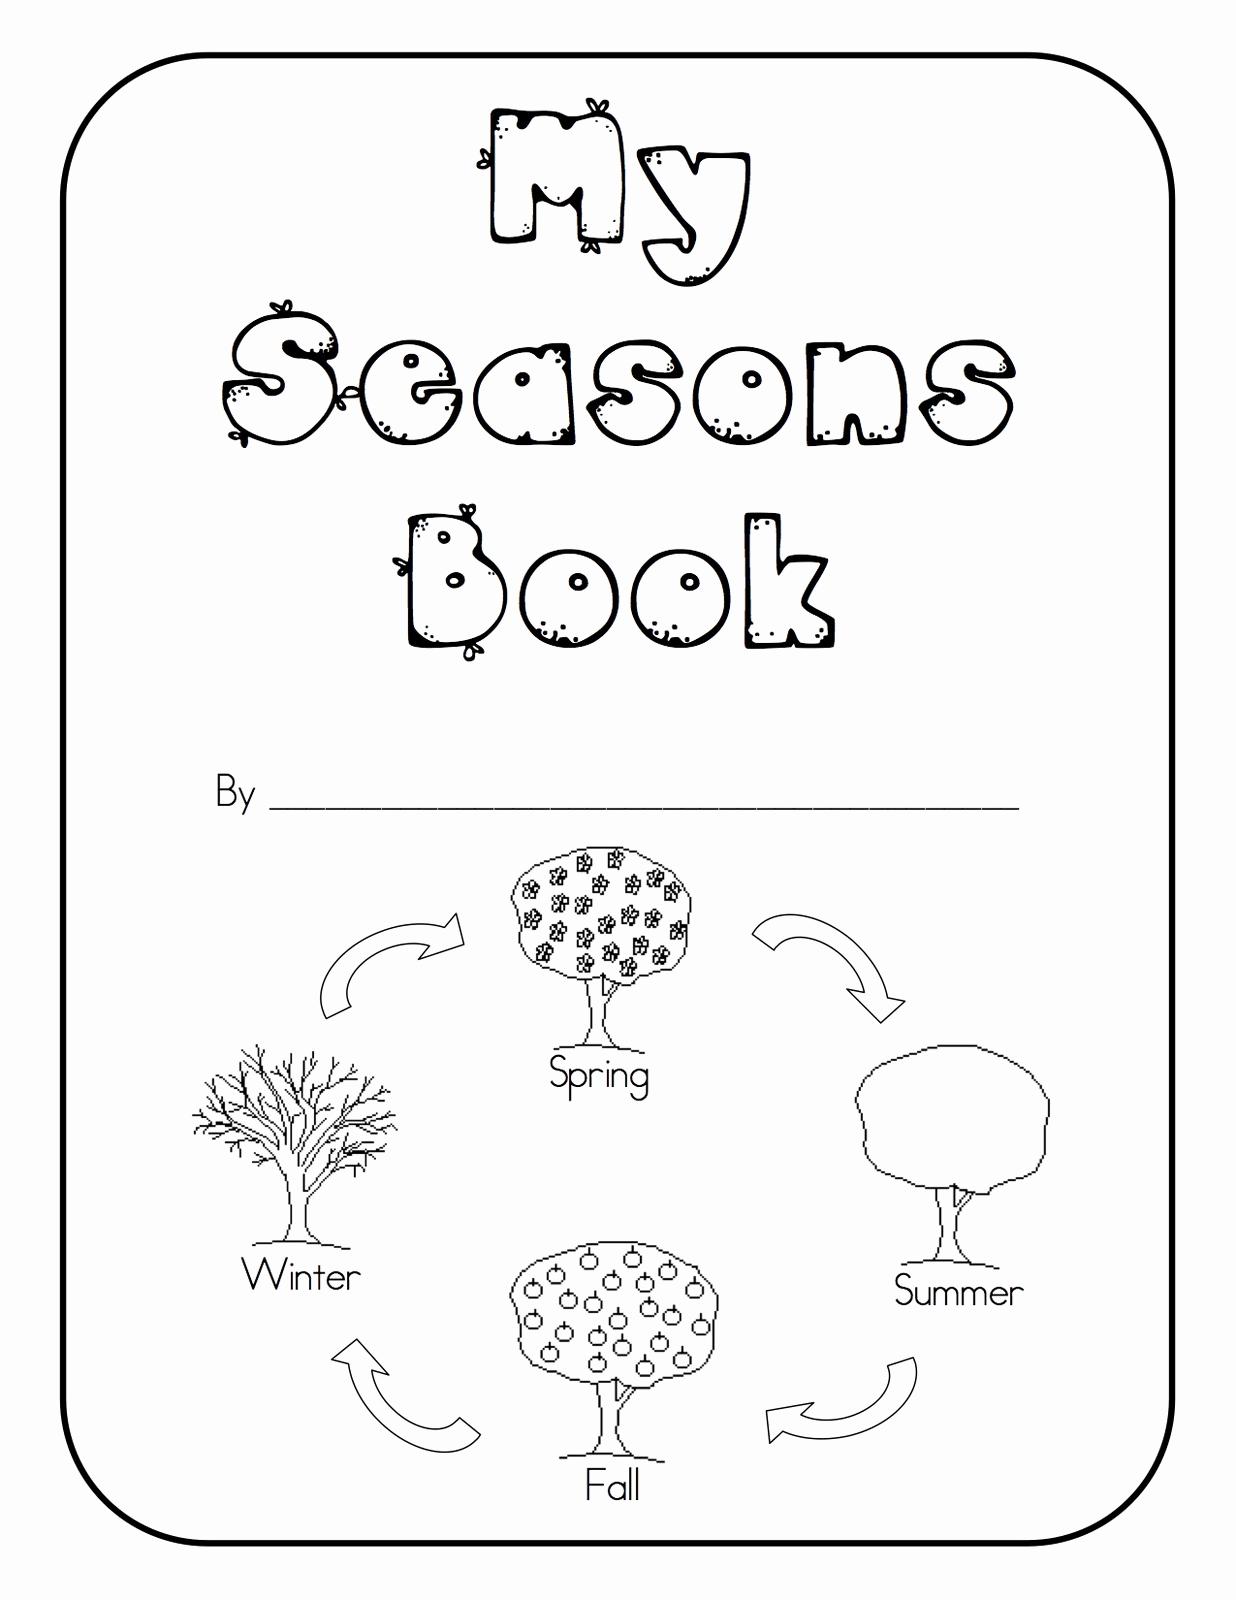 Seasons Worksheets for Preschoolers Unique Kindertastic Seasons